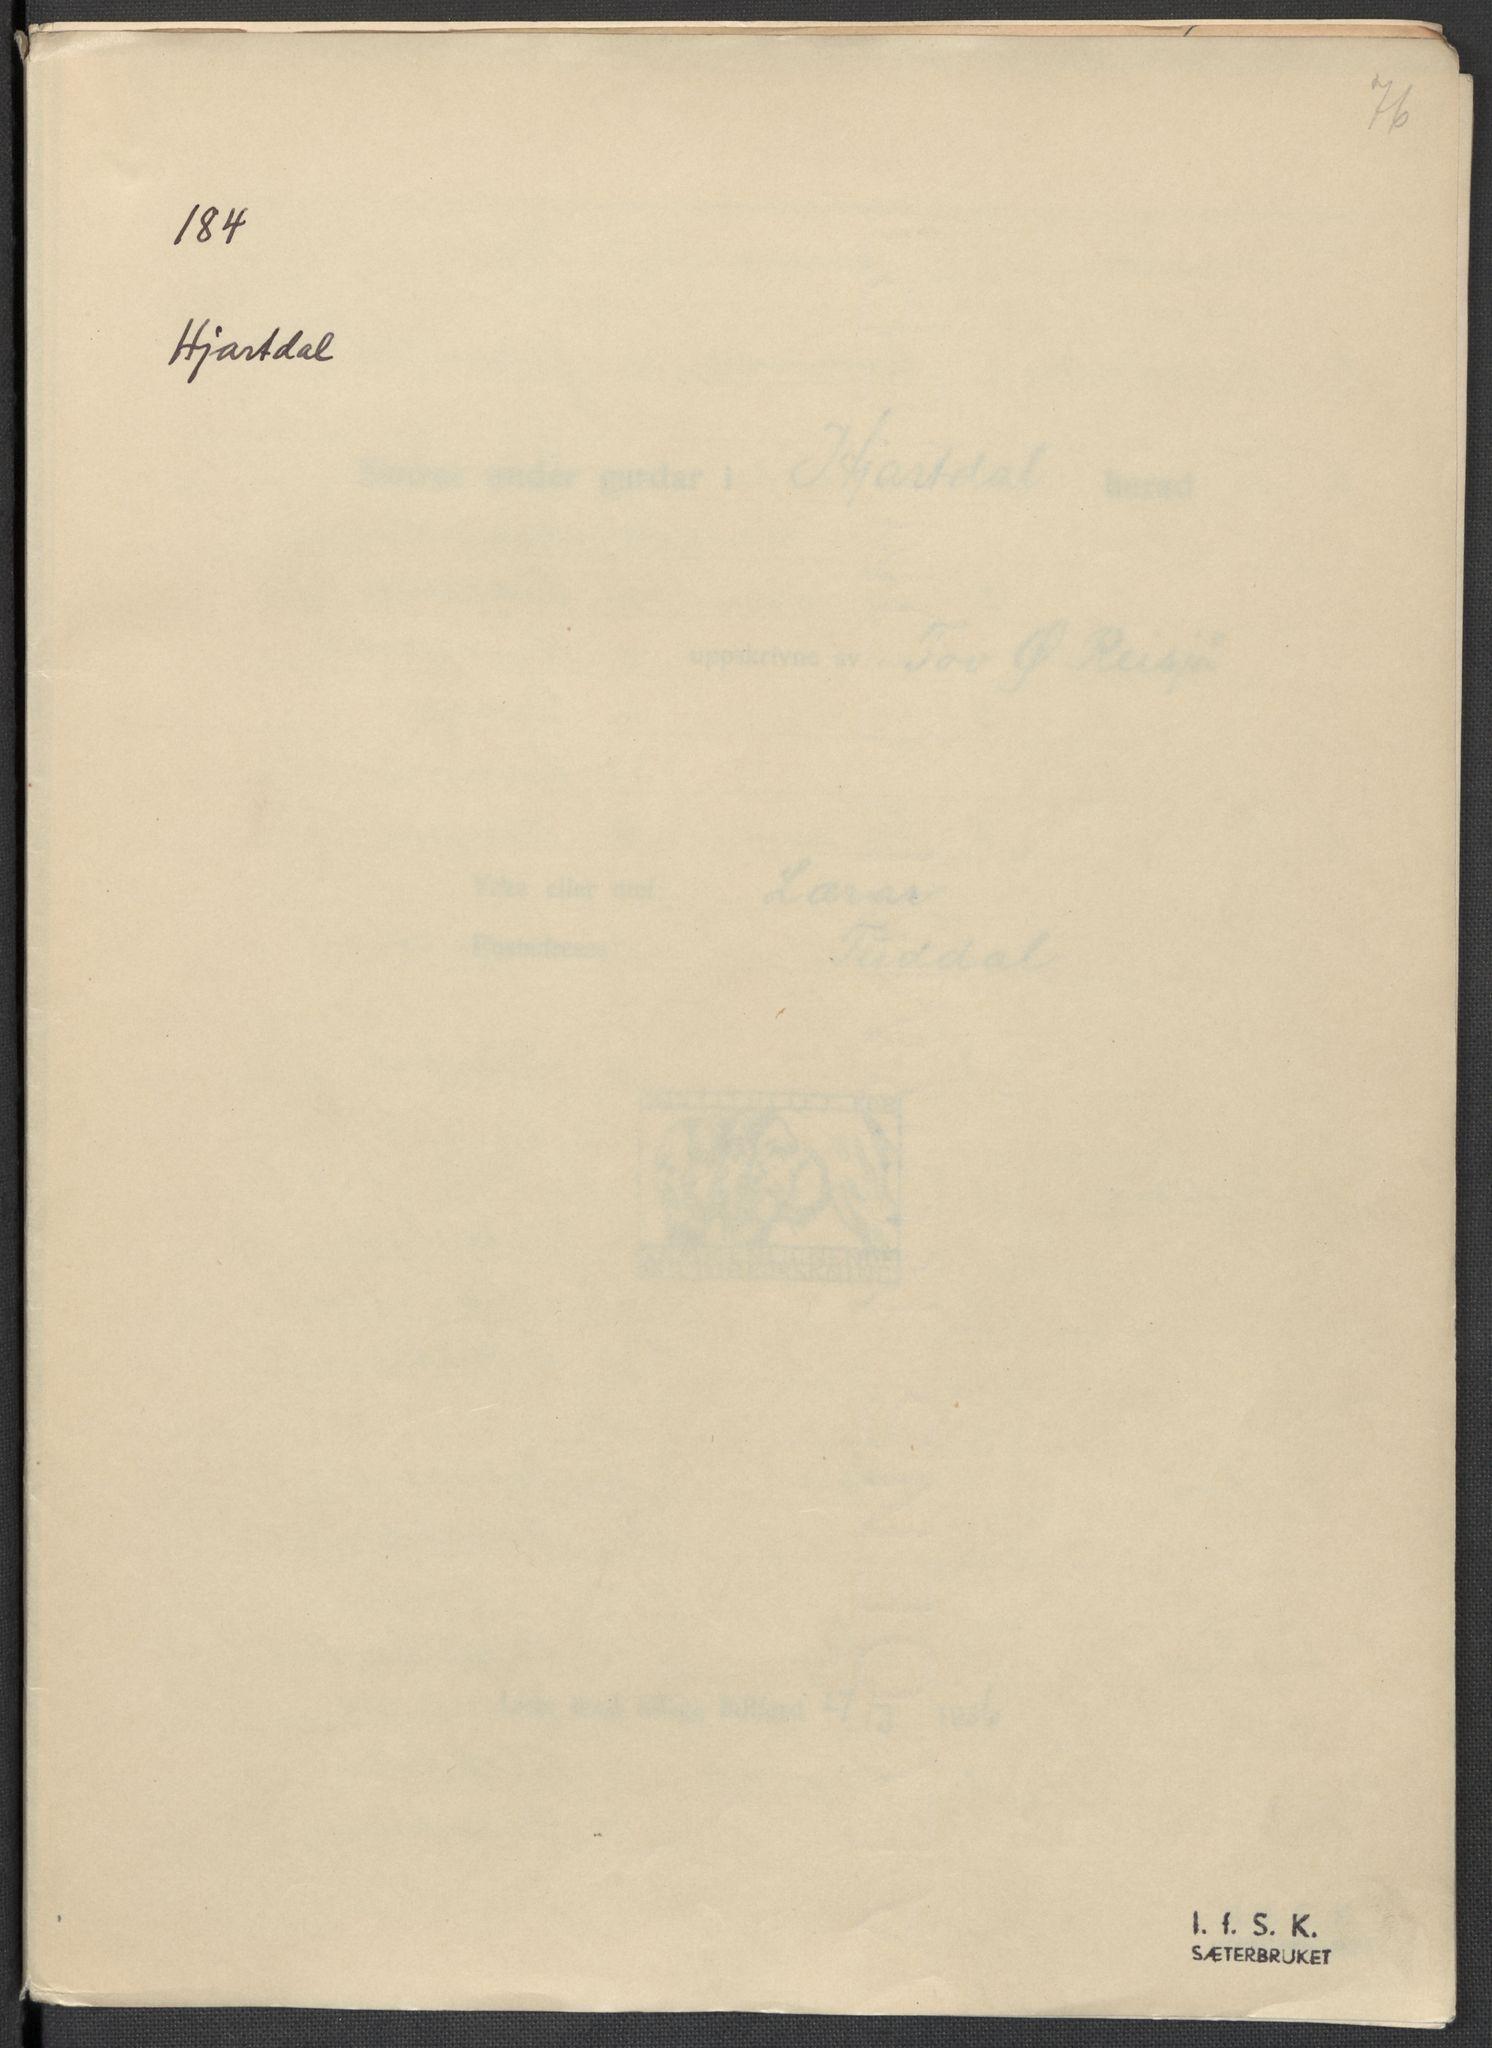 RA, Instituttet for sammenlignende kulturforskning, F/Fc/L0007: Eske B7:, 1934-1937, s. 76